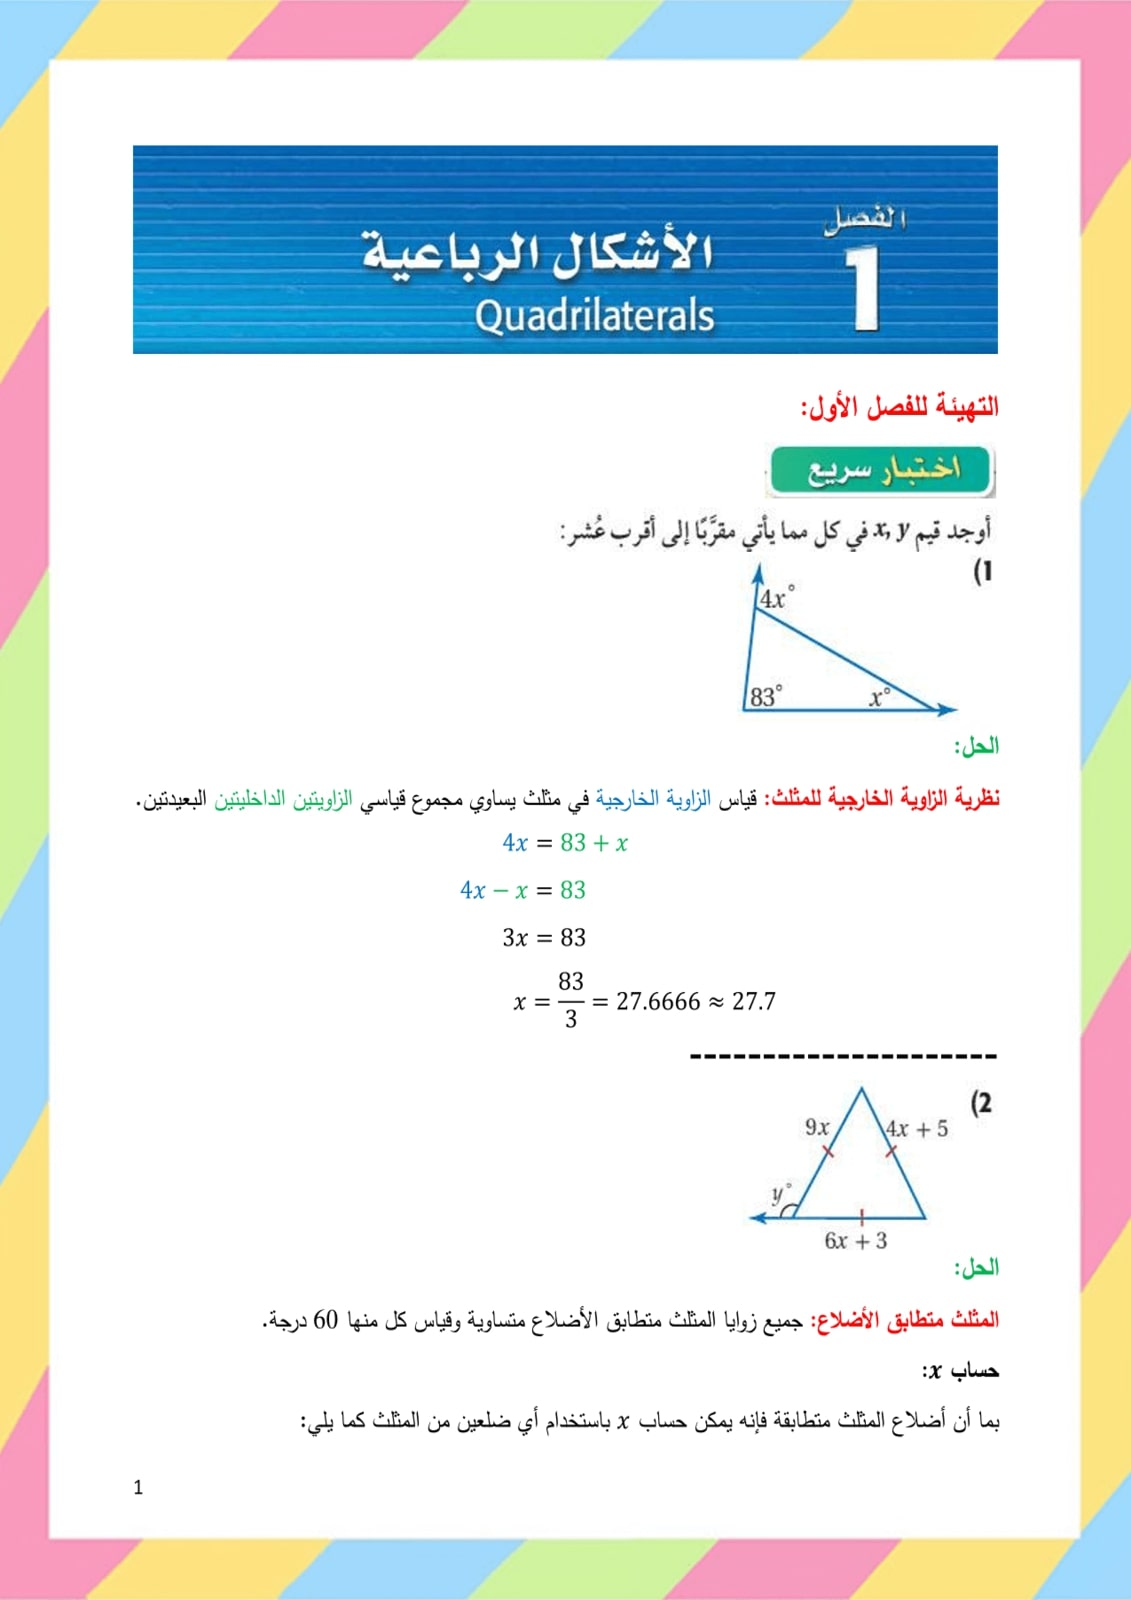 حل كتاب الرياضيات 2 مقررات اول ثانوي موقع حلول التعليمي